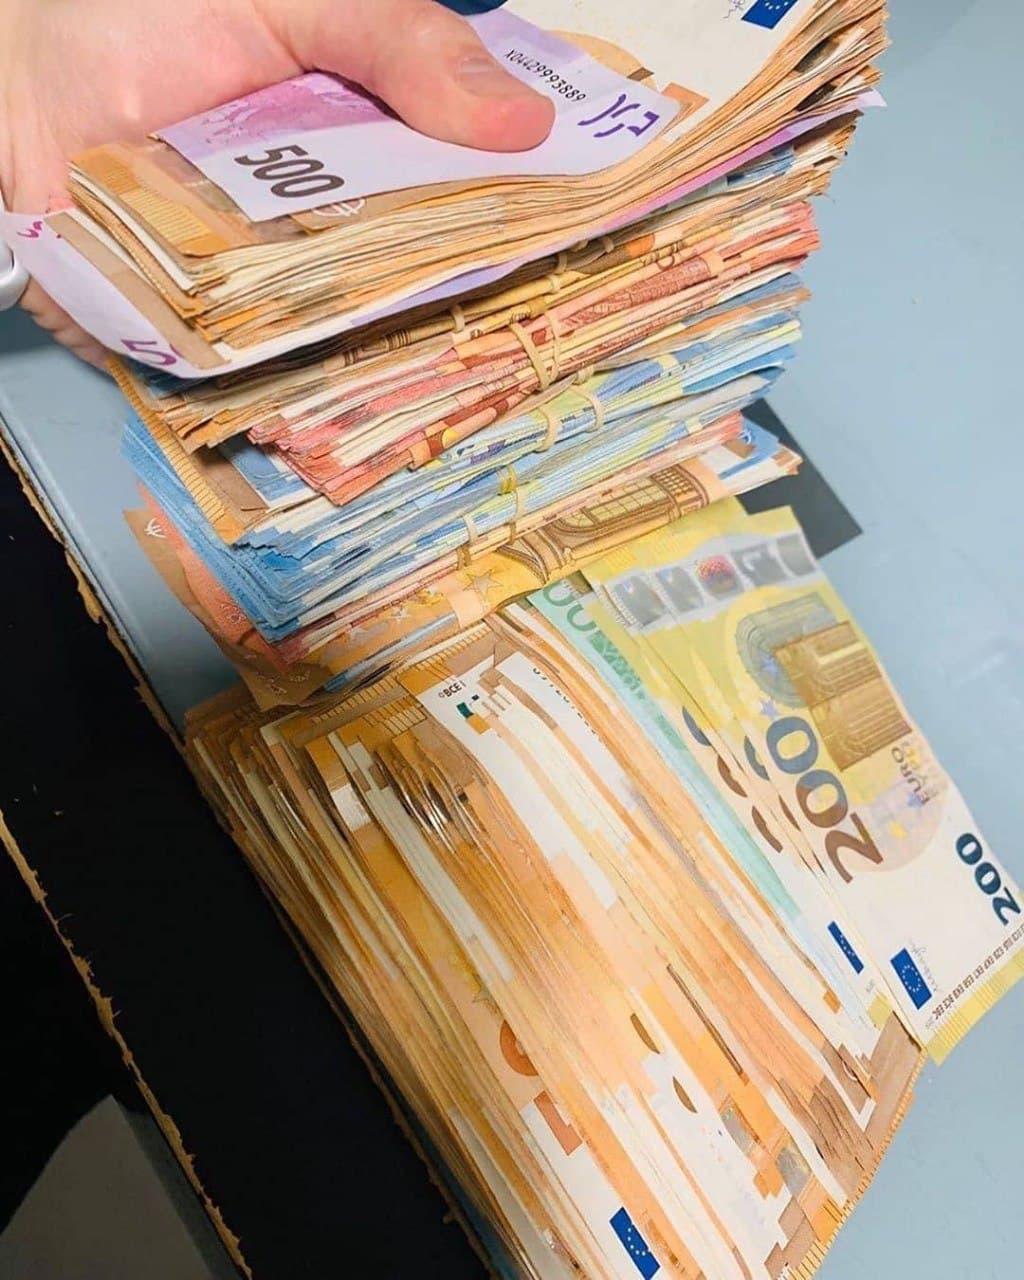 Whatsapp: +16465806302) Compre euros, libras, dólares falsificados 100% indetectables a la venta.